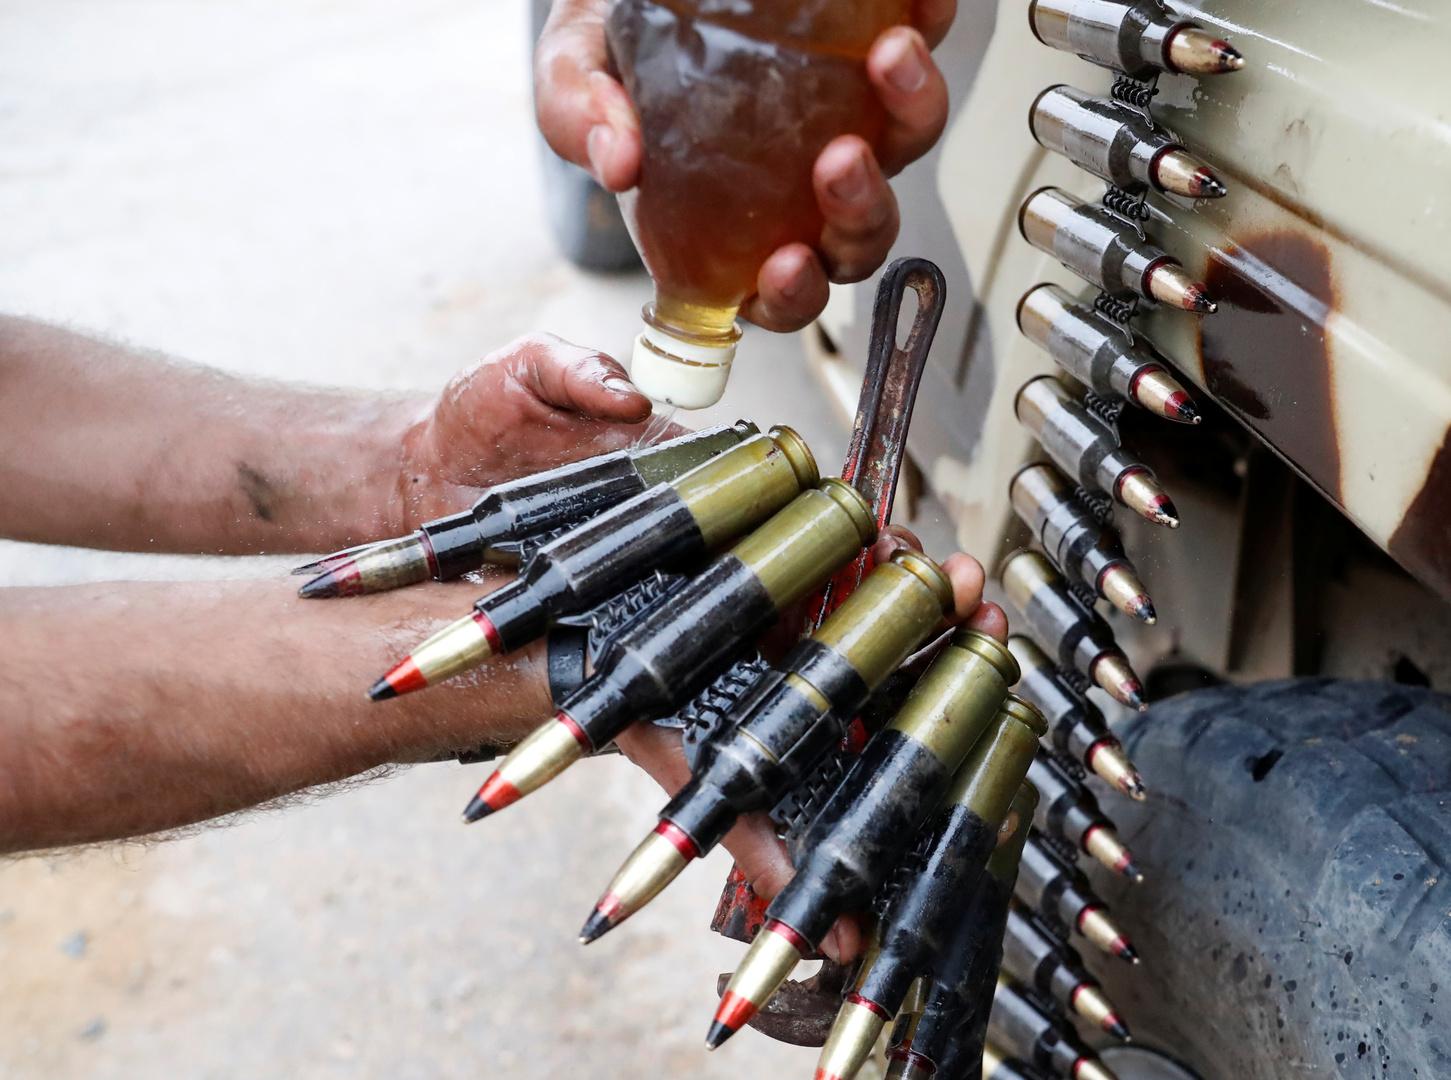 رئيس مجموعة الاتصال الروسية: بدء الهدنة في ليبيا يعتمد إلى حد كبير على حفتر